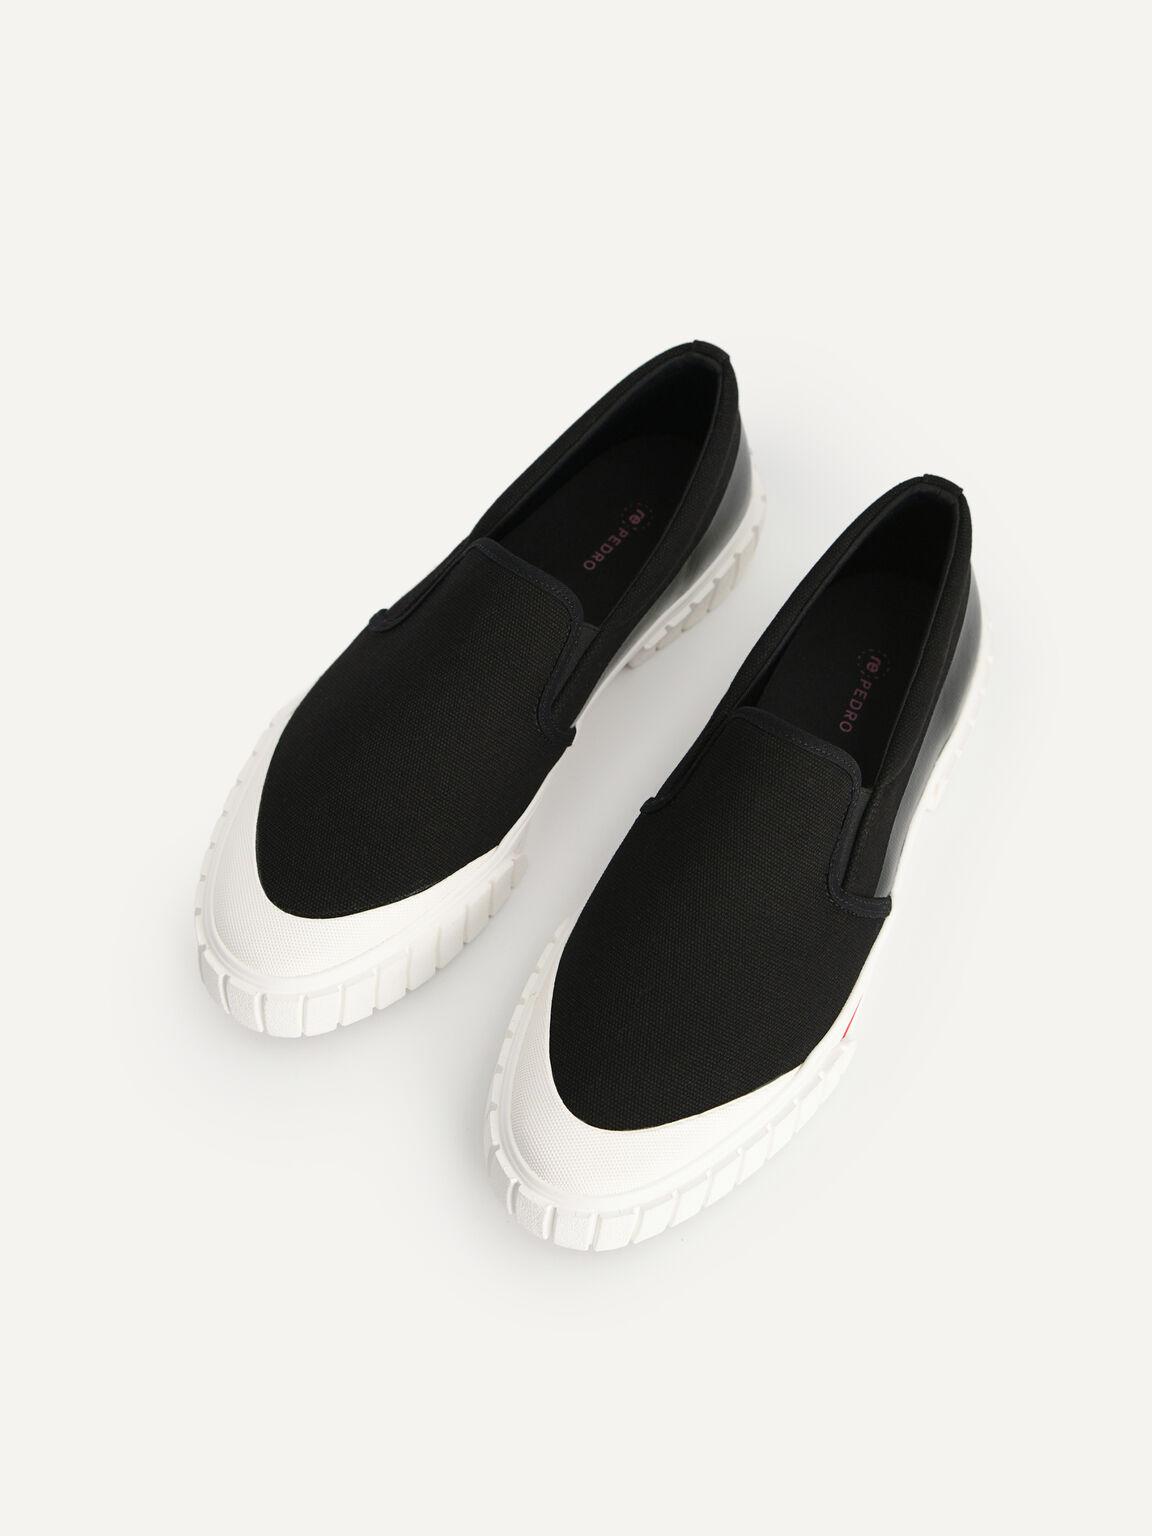 rePEDRO Beat Sneaker, Black, hi-res